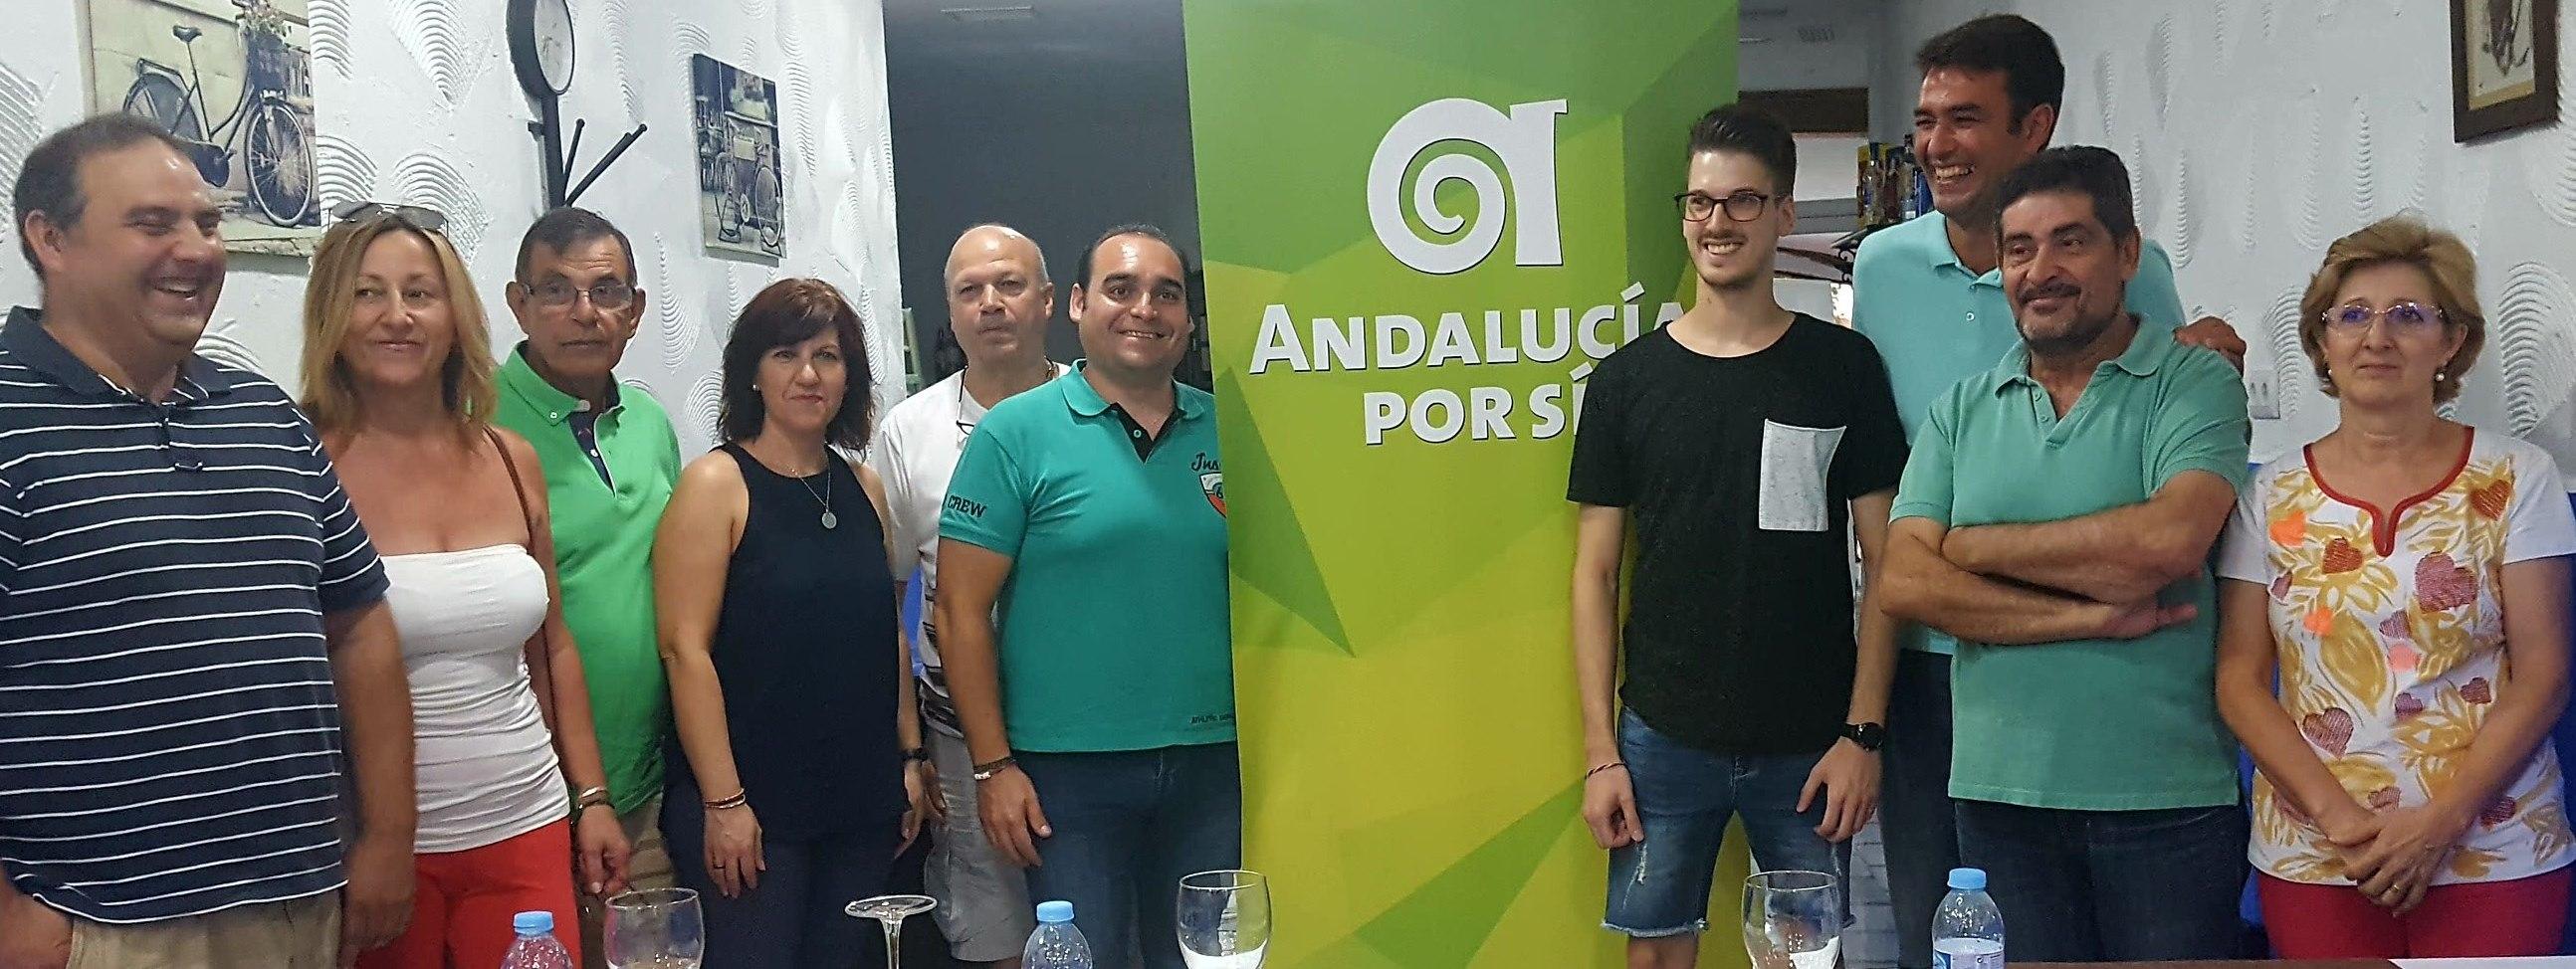 Andalucía por Sí forma una gestora en Andújar con la primera idea de implantarse